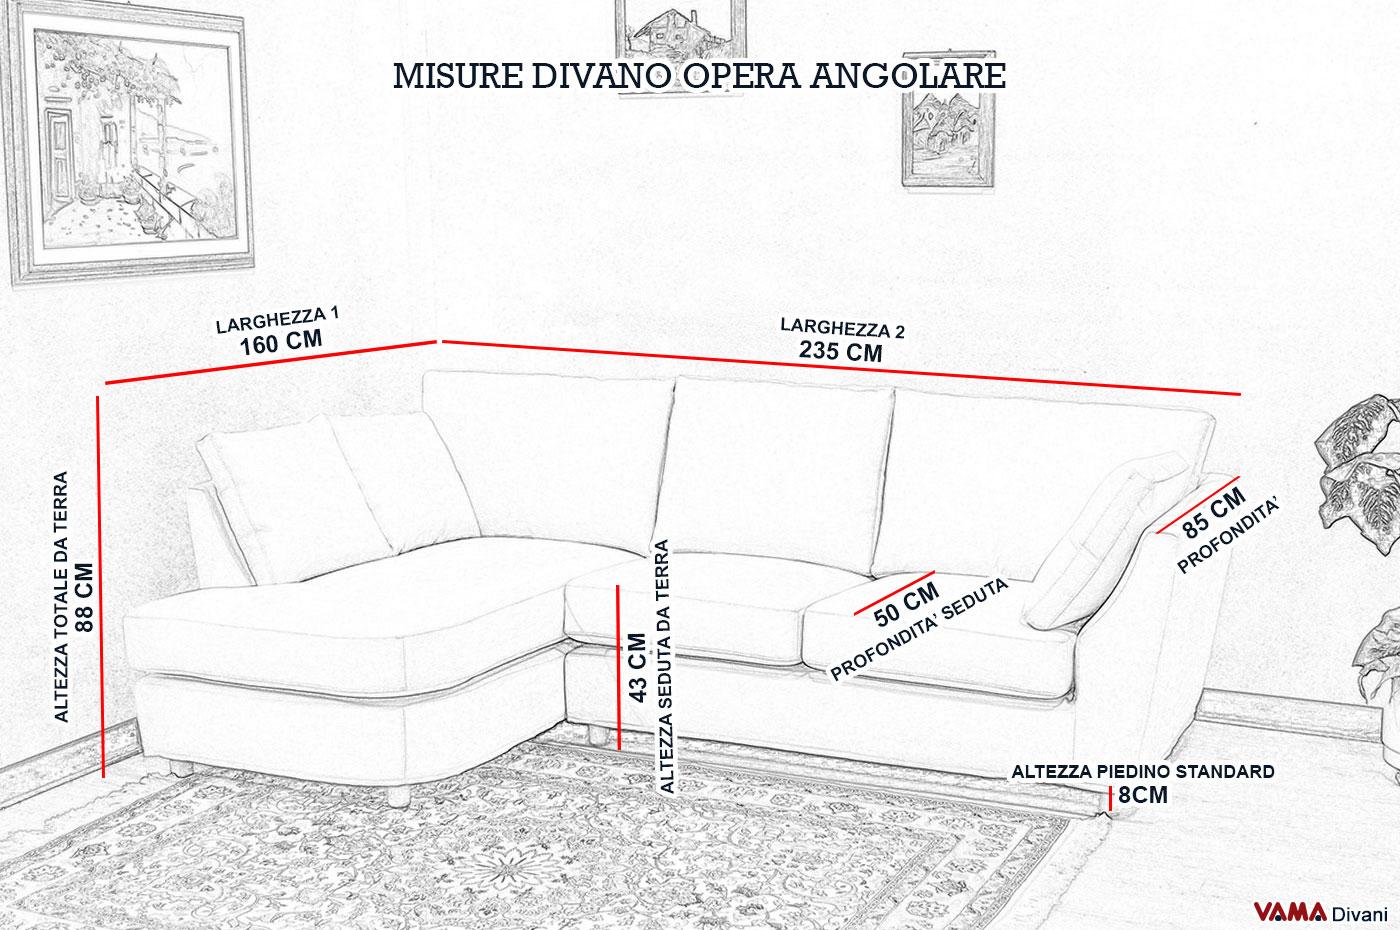 mobili lavelli divani misure